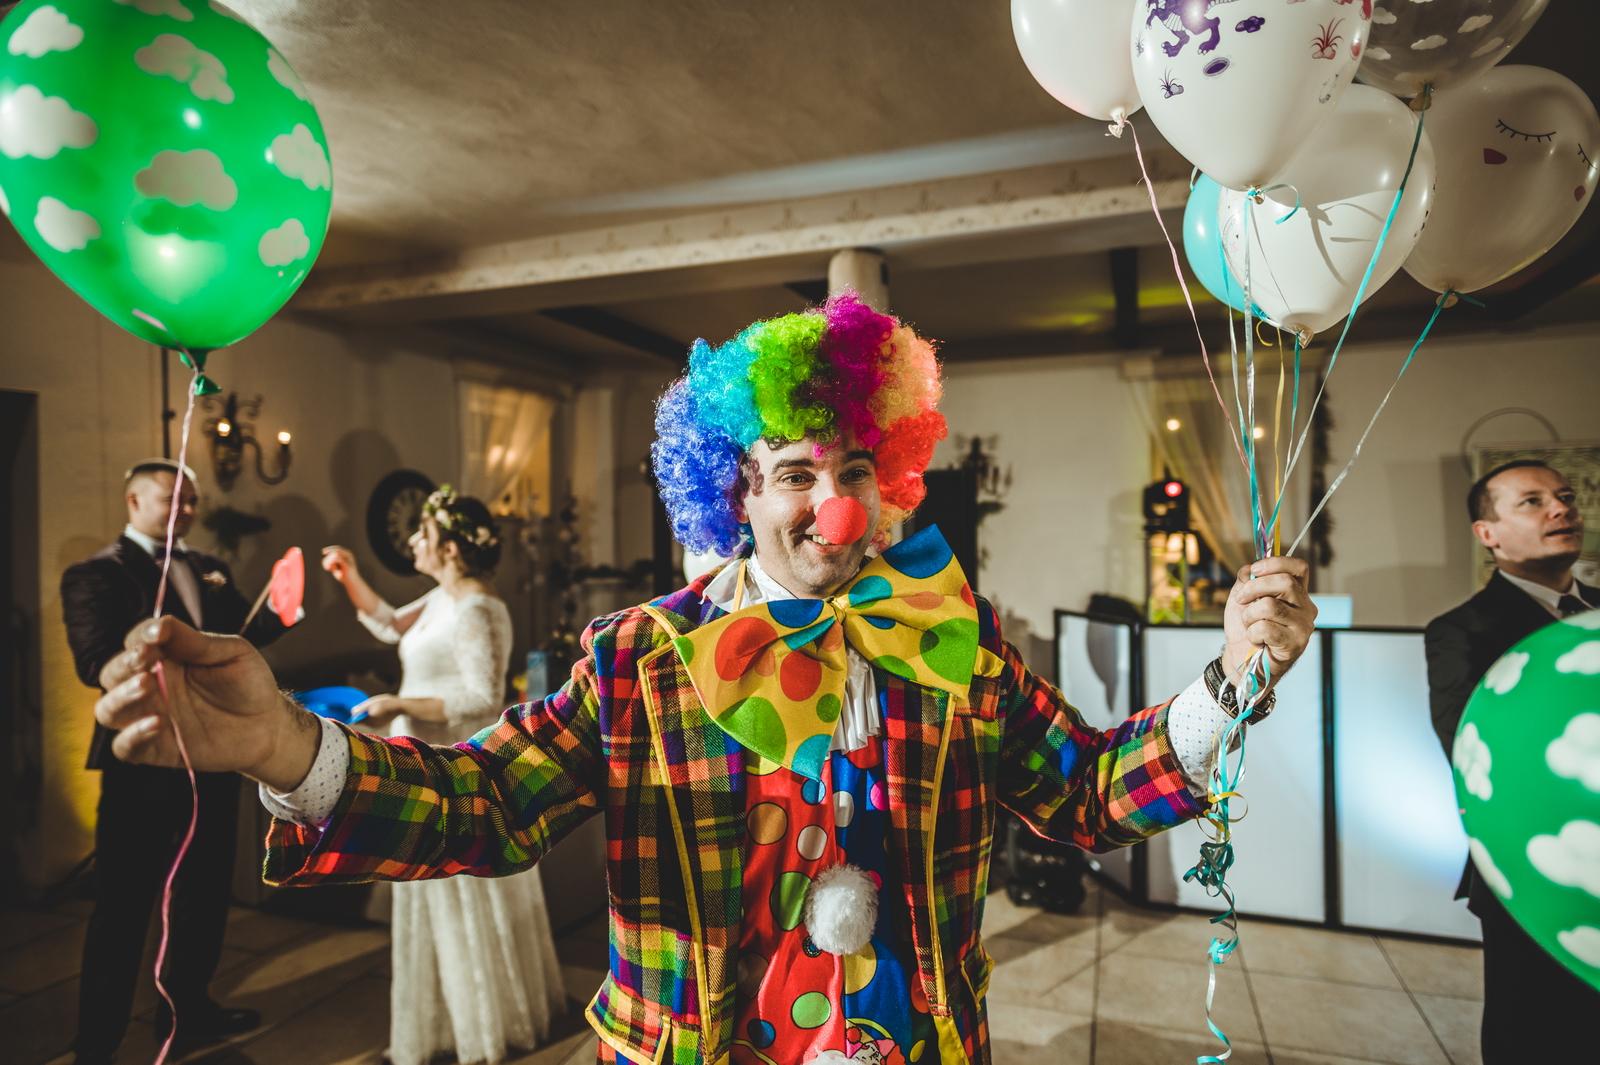 Wodzirej przebrany za klauna na weselu